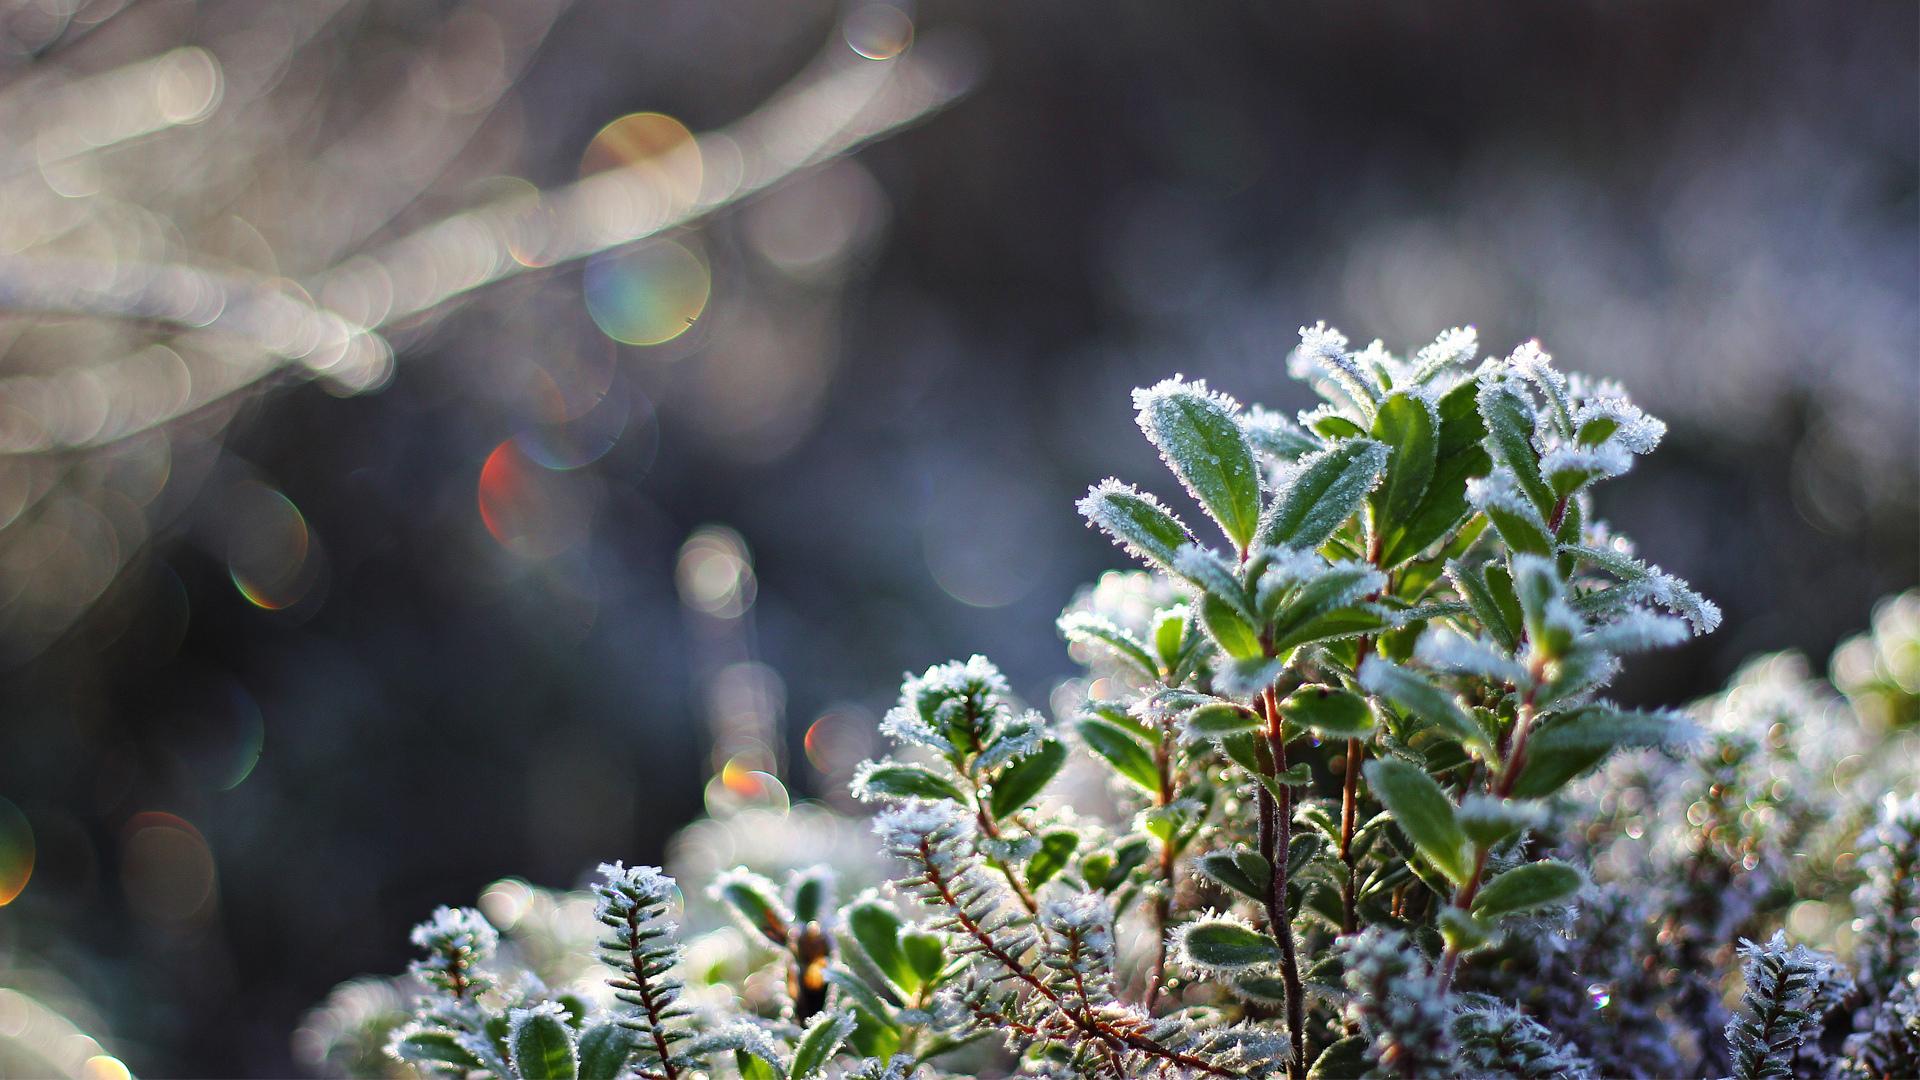 побаивались фото пейзажи зима снег макро изображения вечного огня